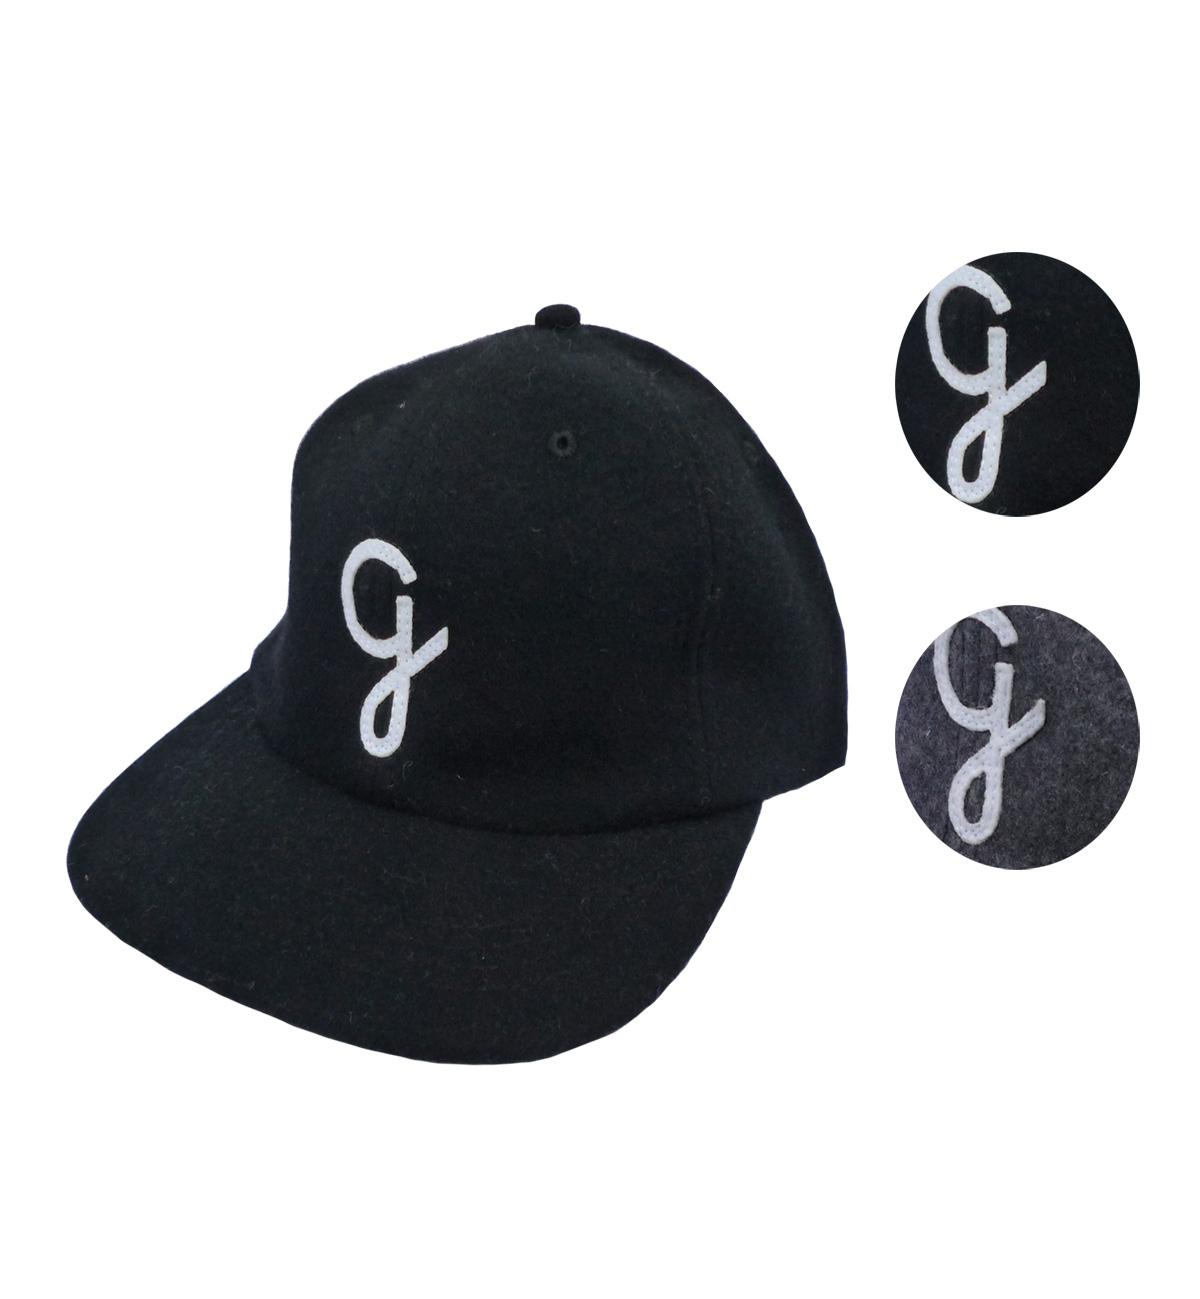 画像1: 【先行予約】GRANTED グランテッド WOOL CAP メンズ/レディース 全2色 (1)